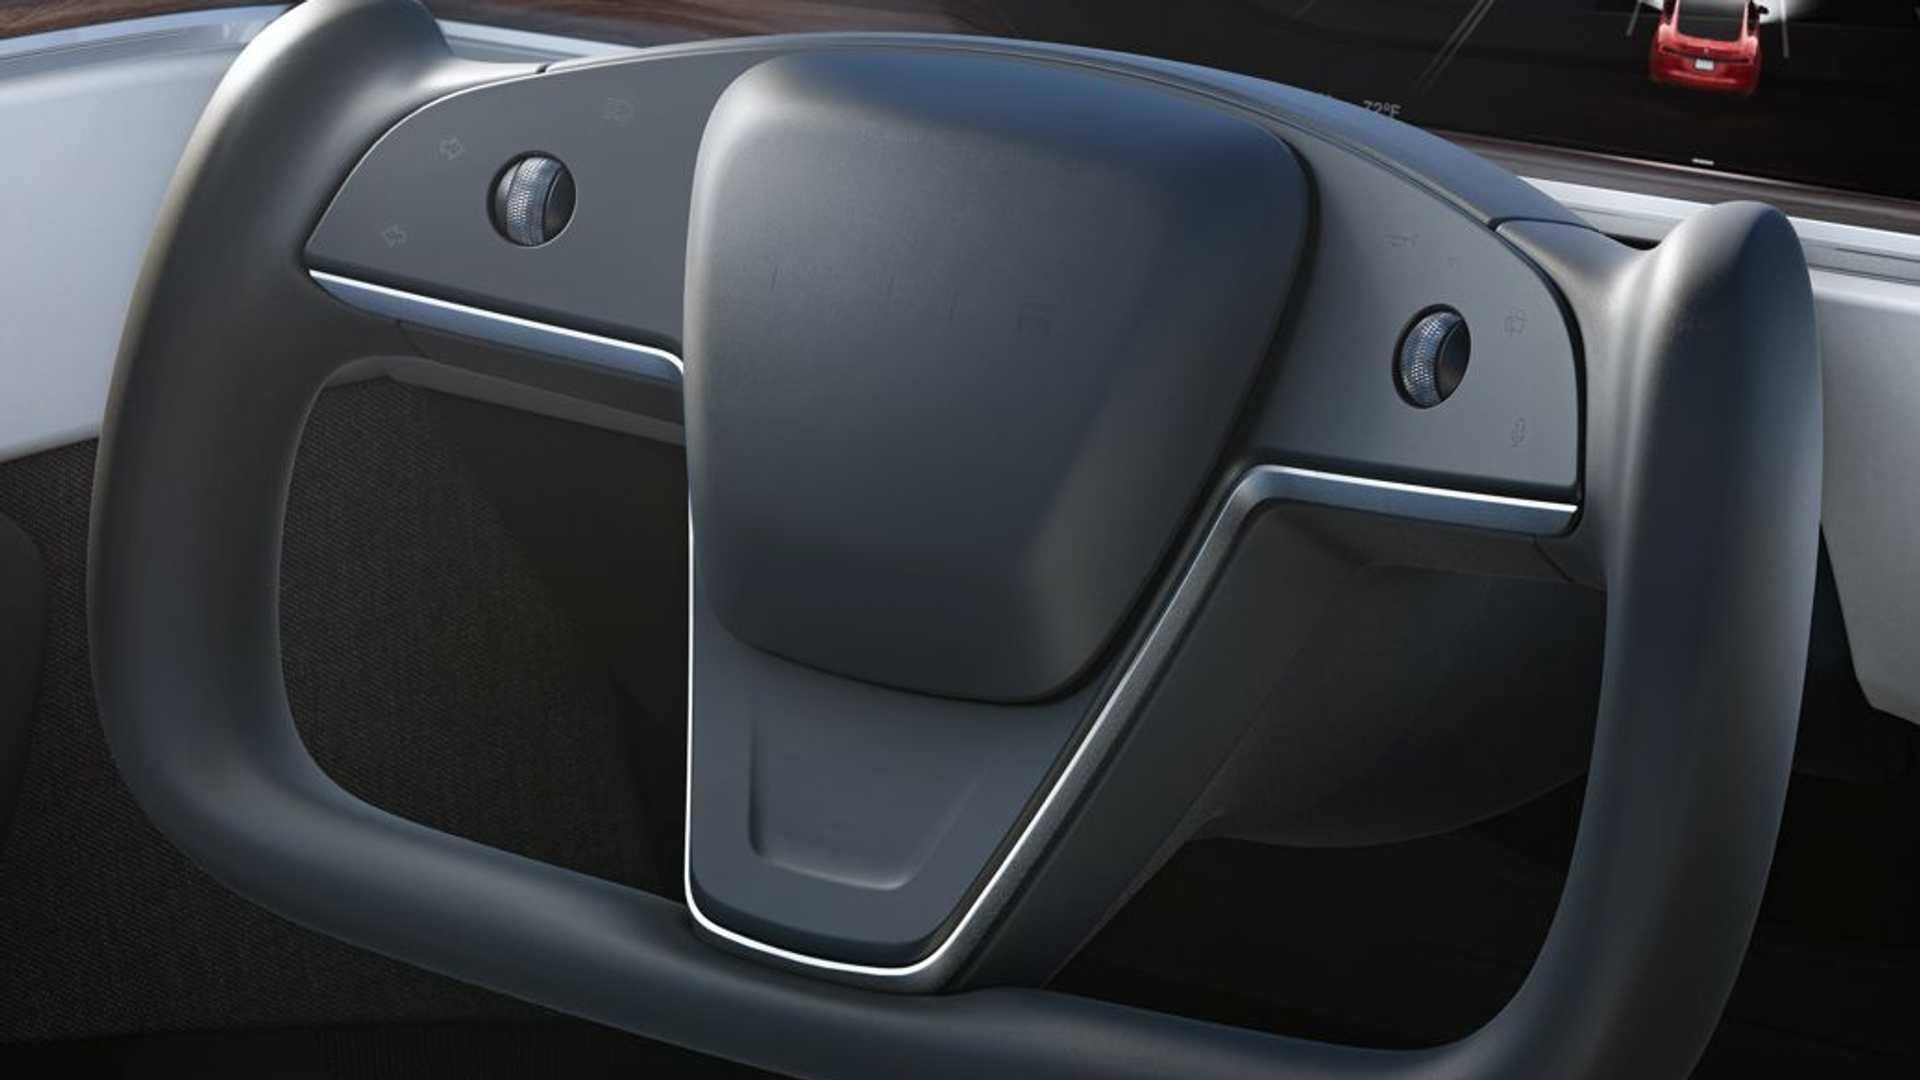 Илон Маск подтвердил, что Tesla не будет предлагать стандартное рулевое колесо на новых Model S/X